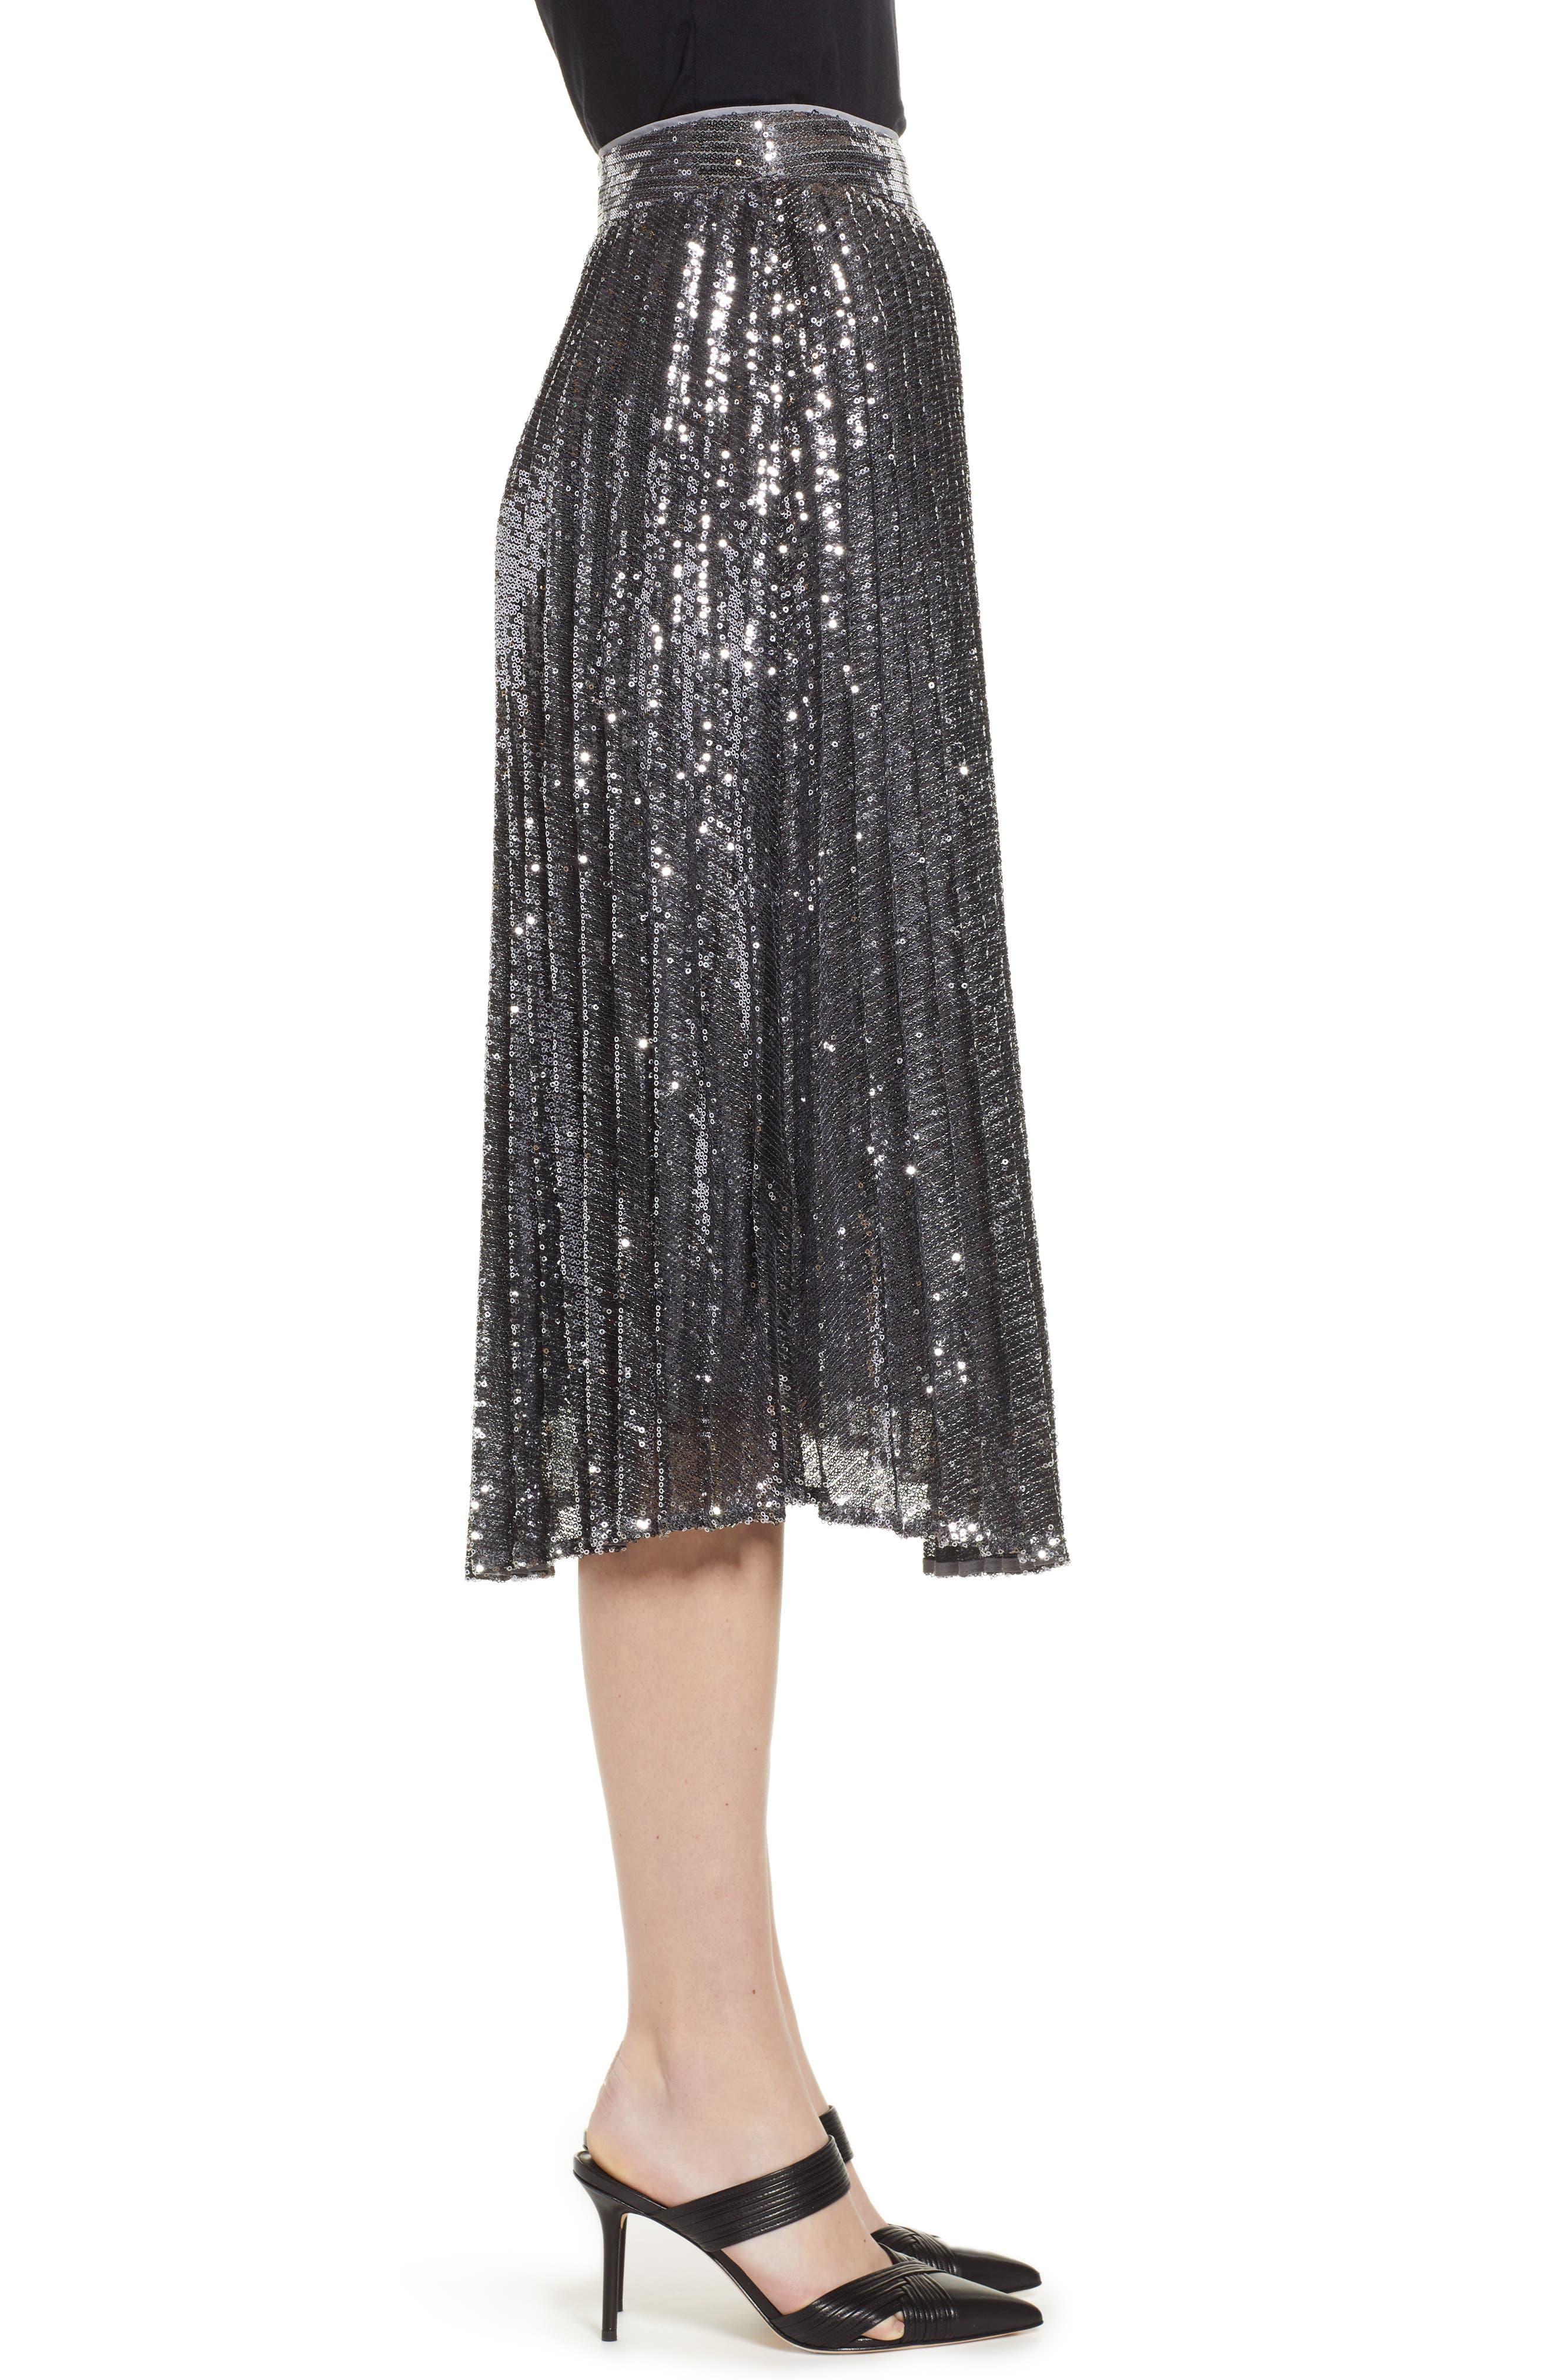 CHELSEA28,                             Sequin Skirt,                             Alternate thumbnail 3, color,                             SILVER